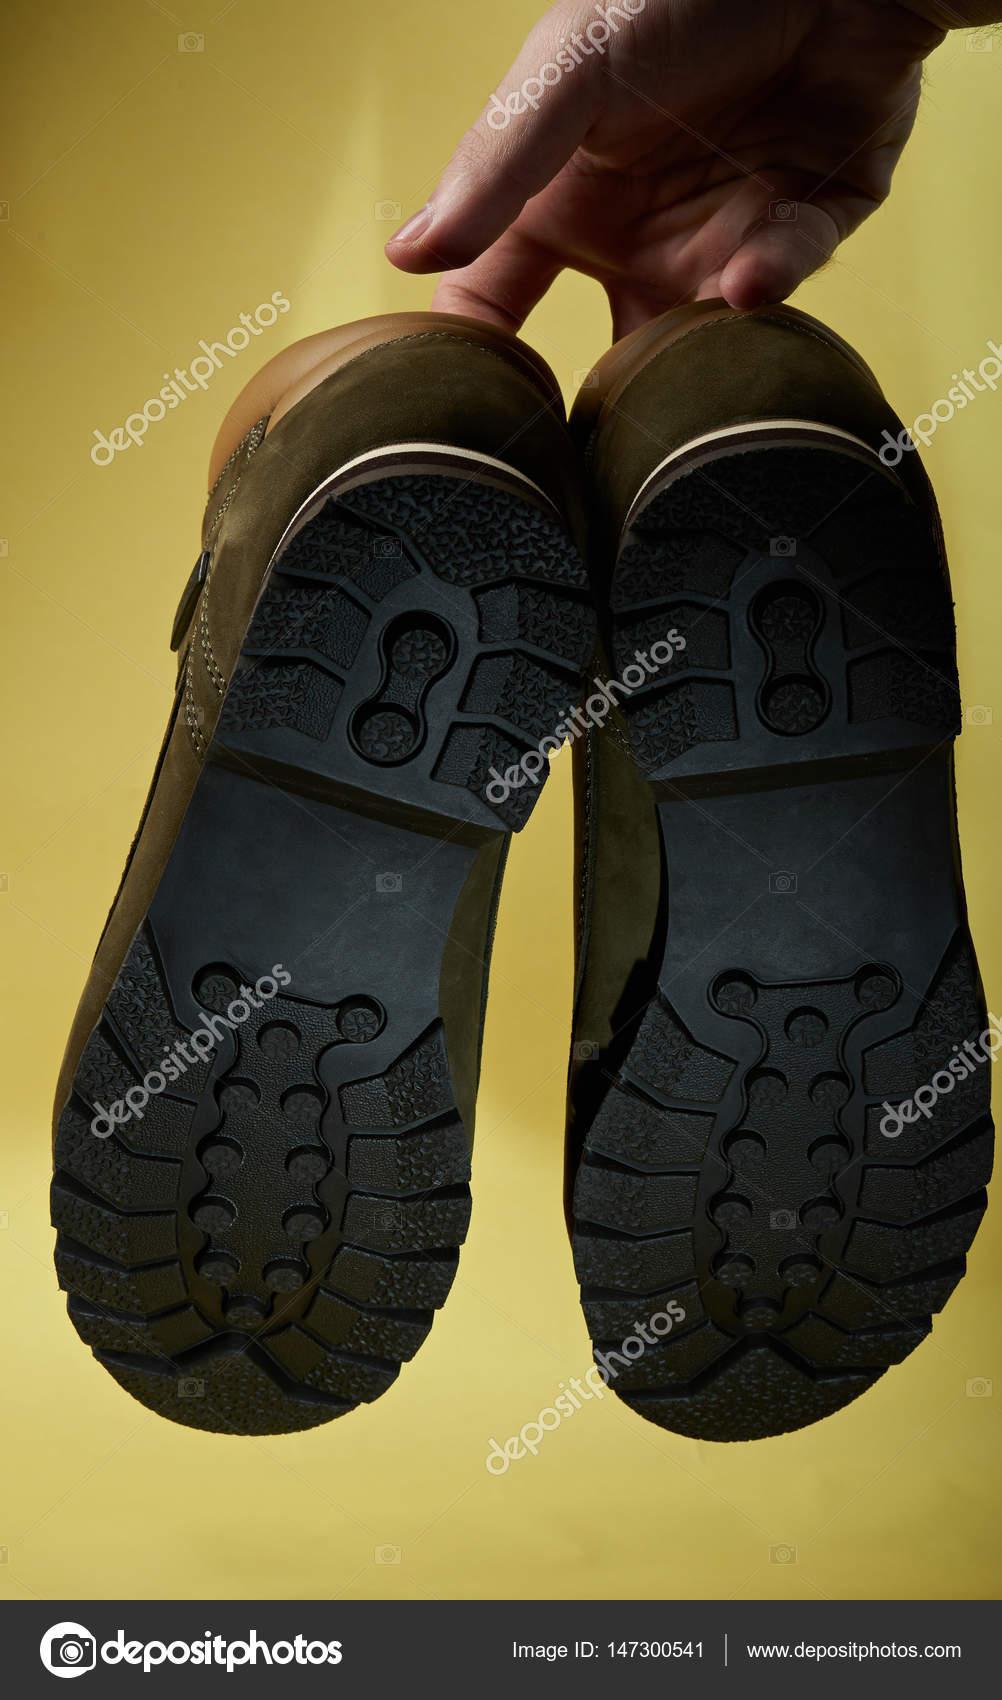 Κάτω μέρος του τα παπούτσια πεζοπορίας που κρέμονται από πλευρά  απομονώνονται σε κίτρινο φόντο — Εικόνα από dimarik a7b7dc87398